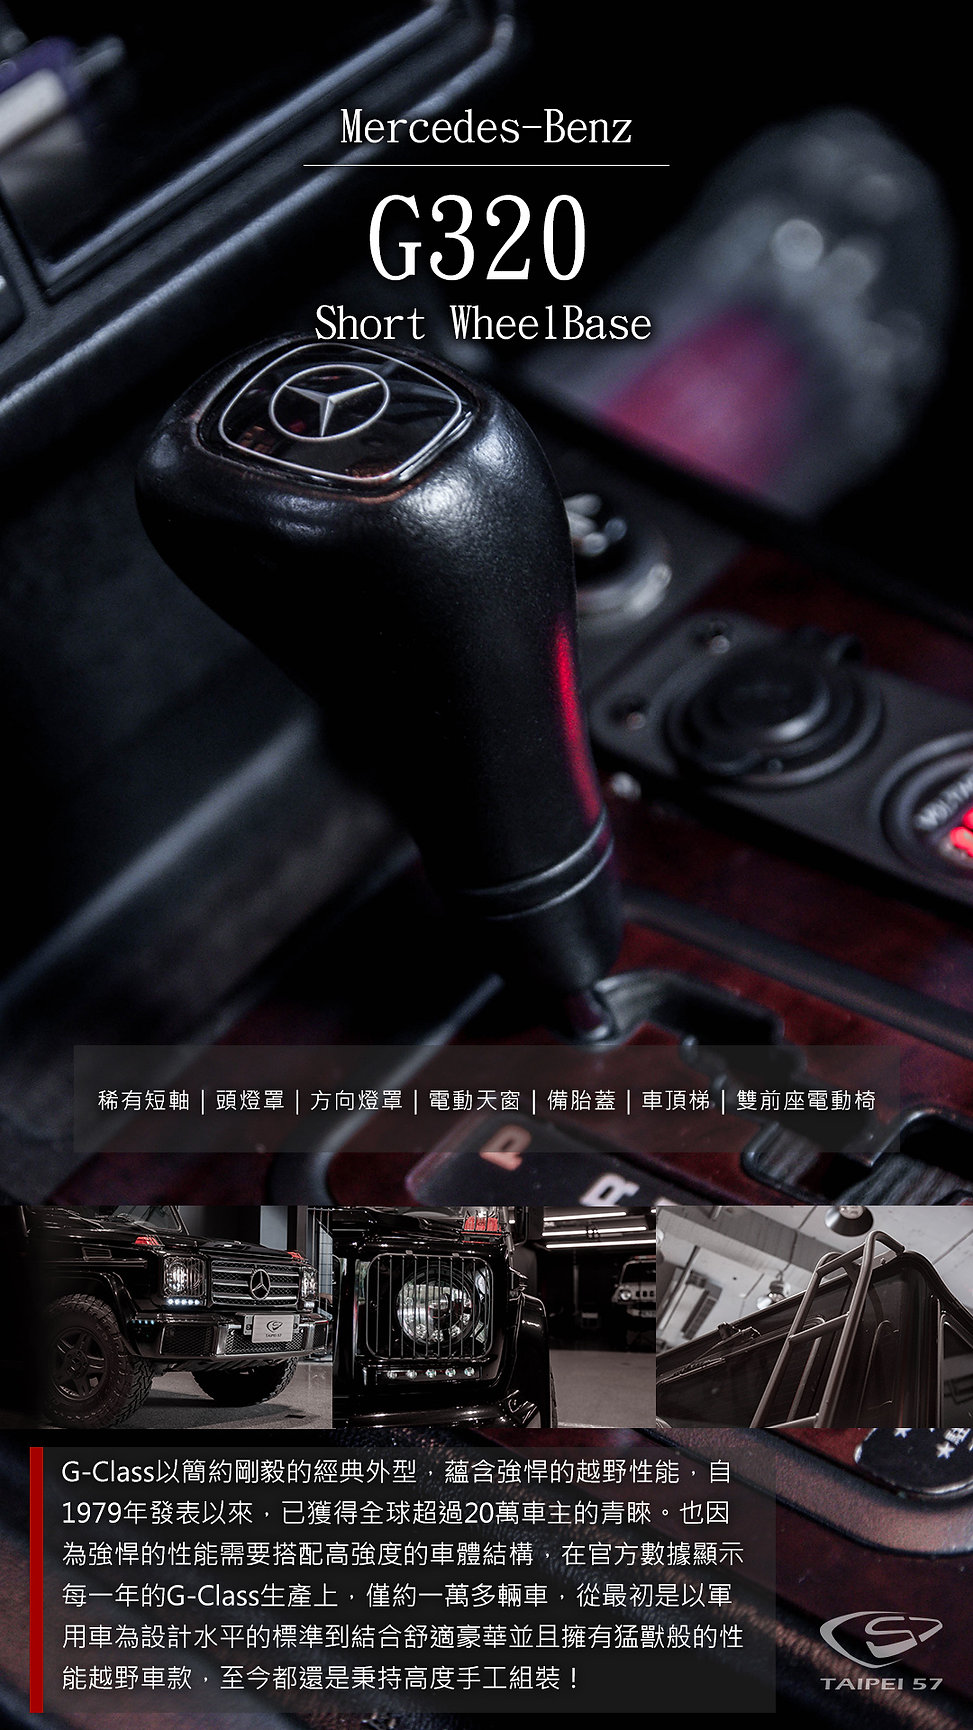 Mercedes-Benz G320 SWB|Taipei57